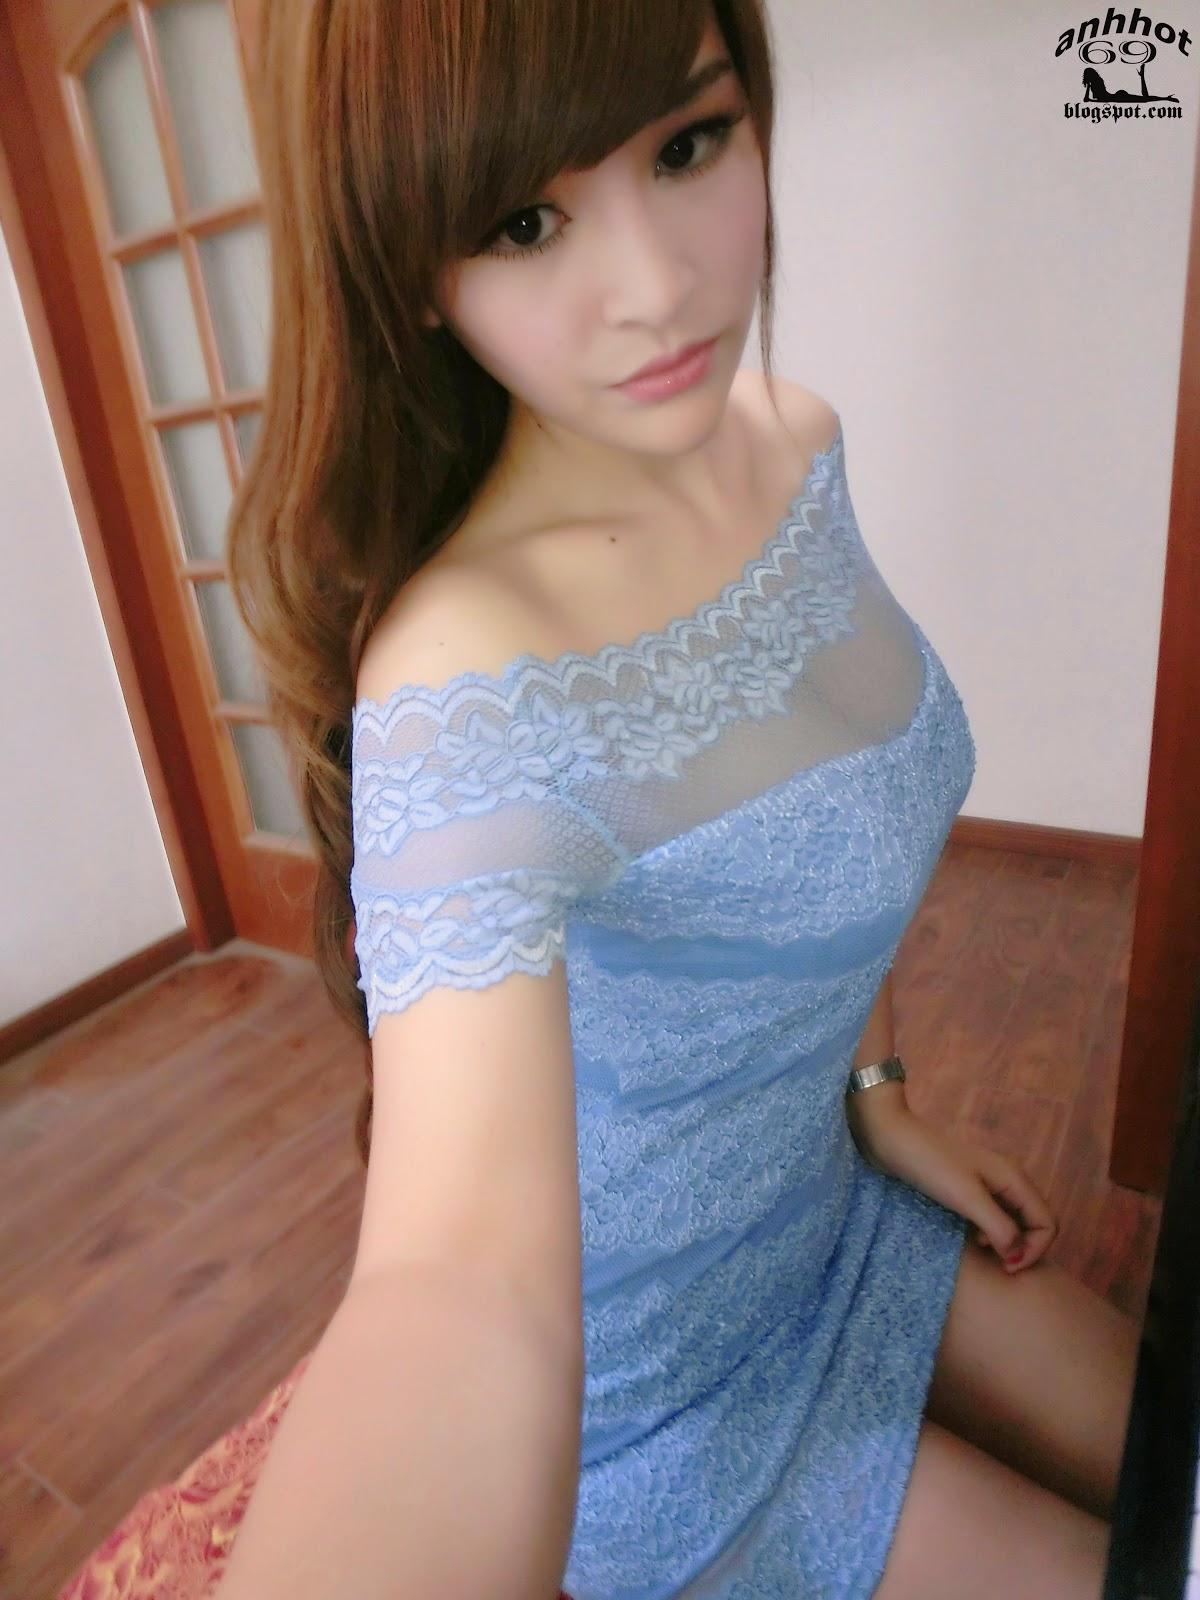 Suxia_h8_1173149756e1795870o